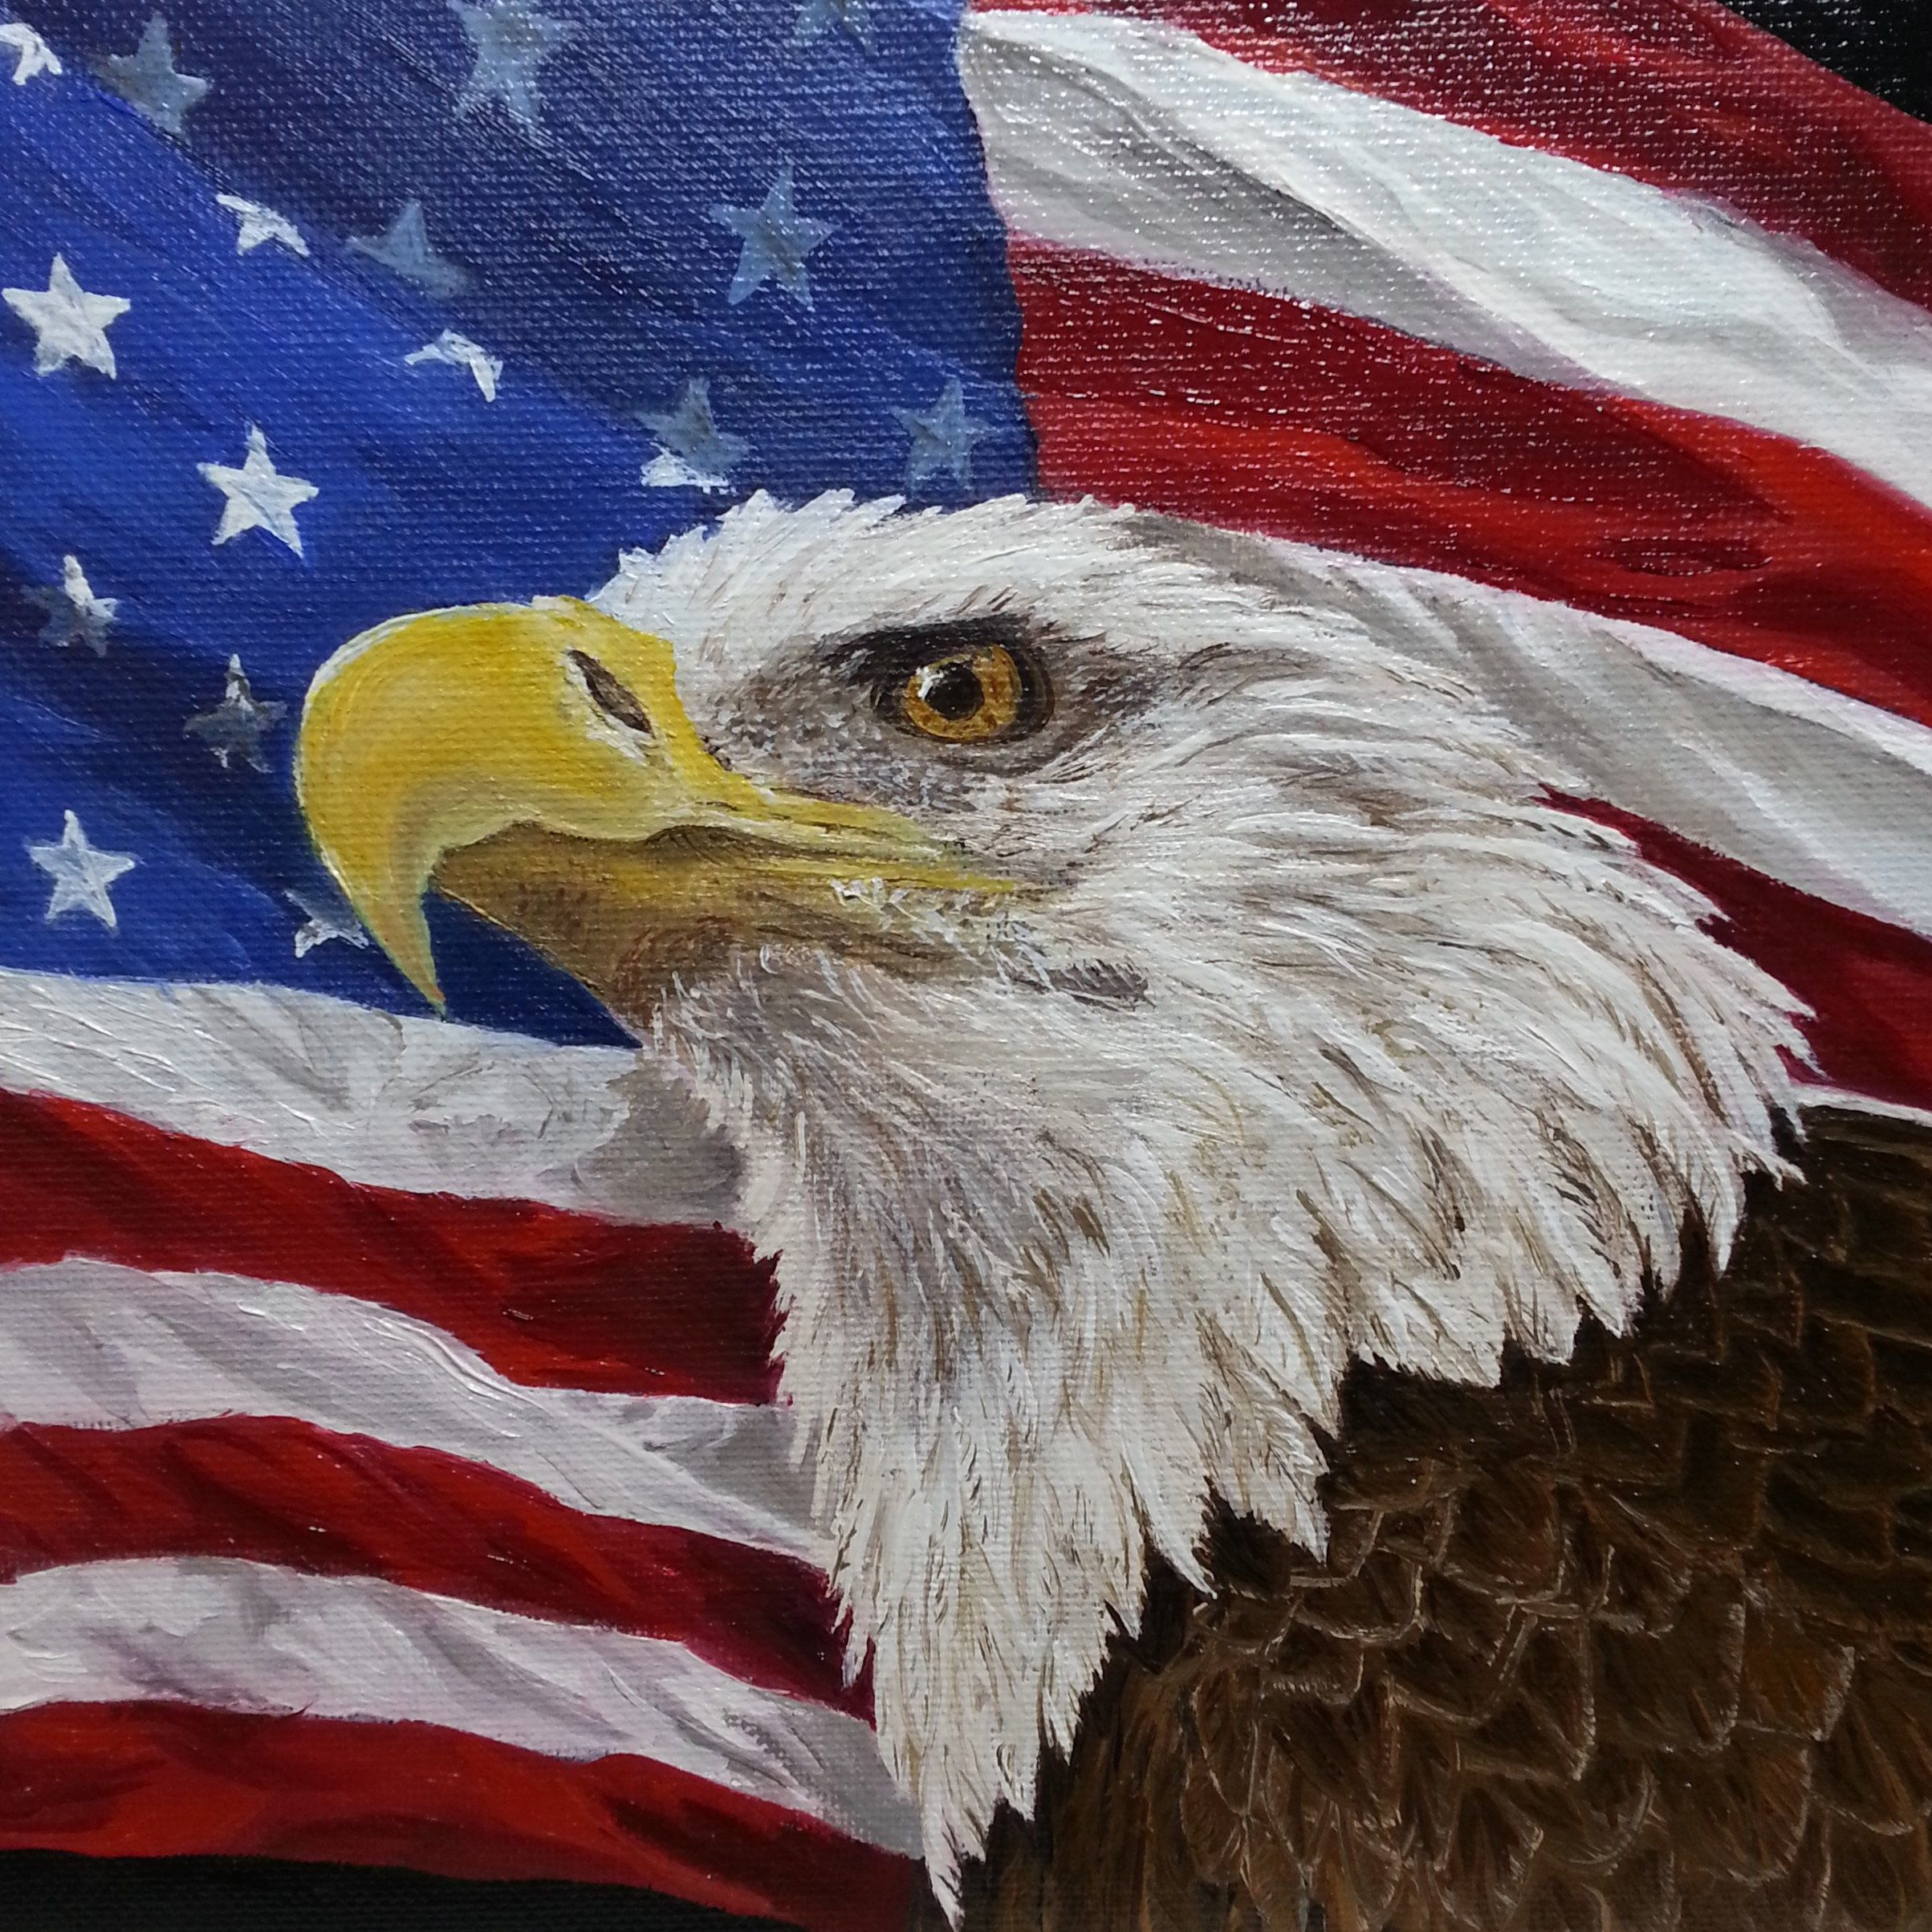 Eagle Art Eagle With American Flag Eagle Oil Painting Military Art Eagle Painting Military Art American Flag Art